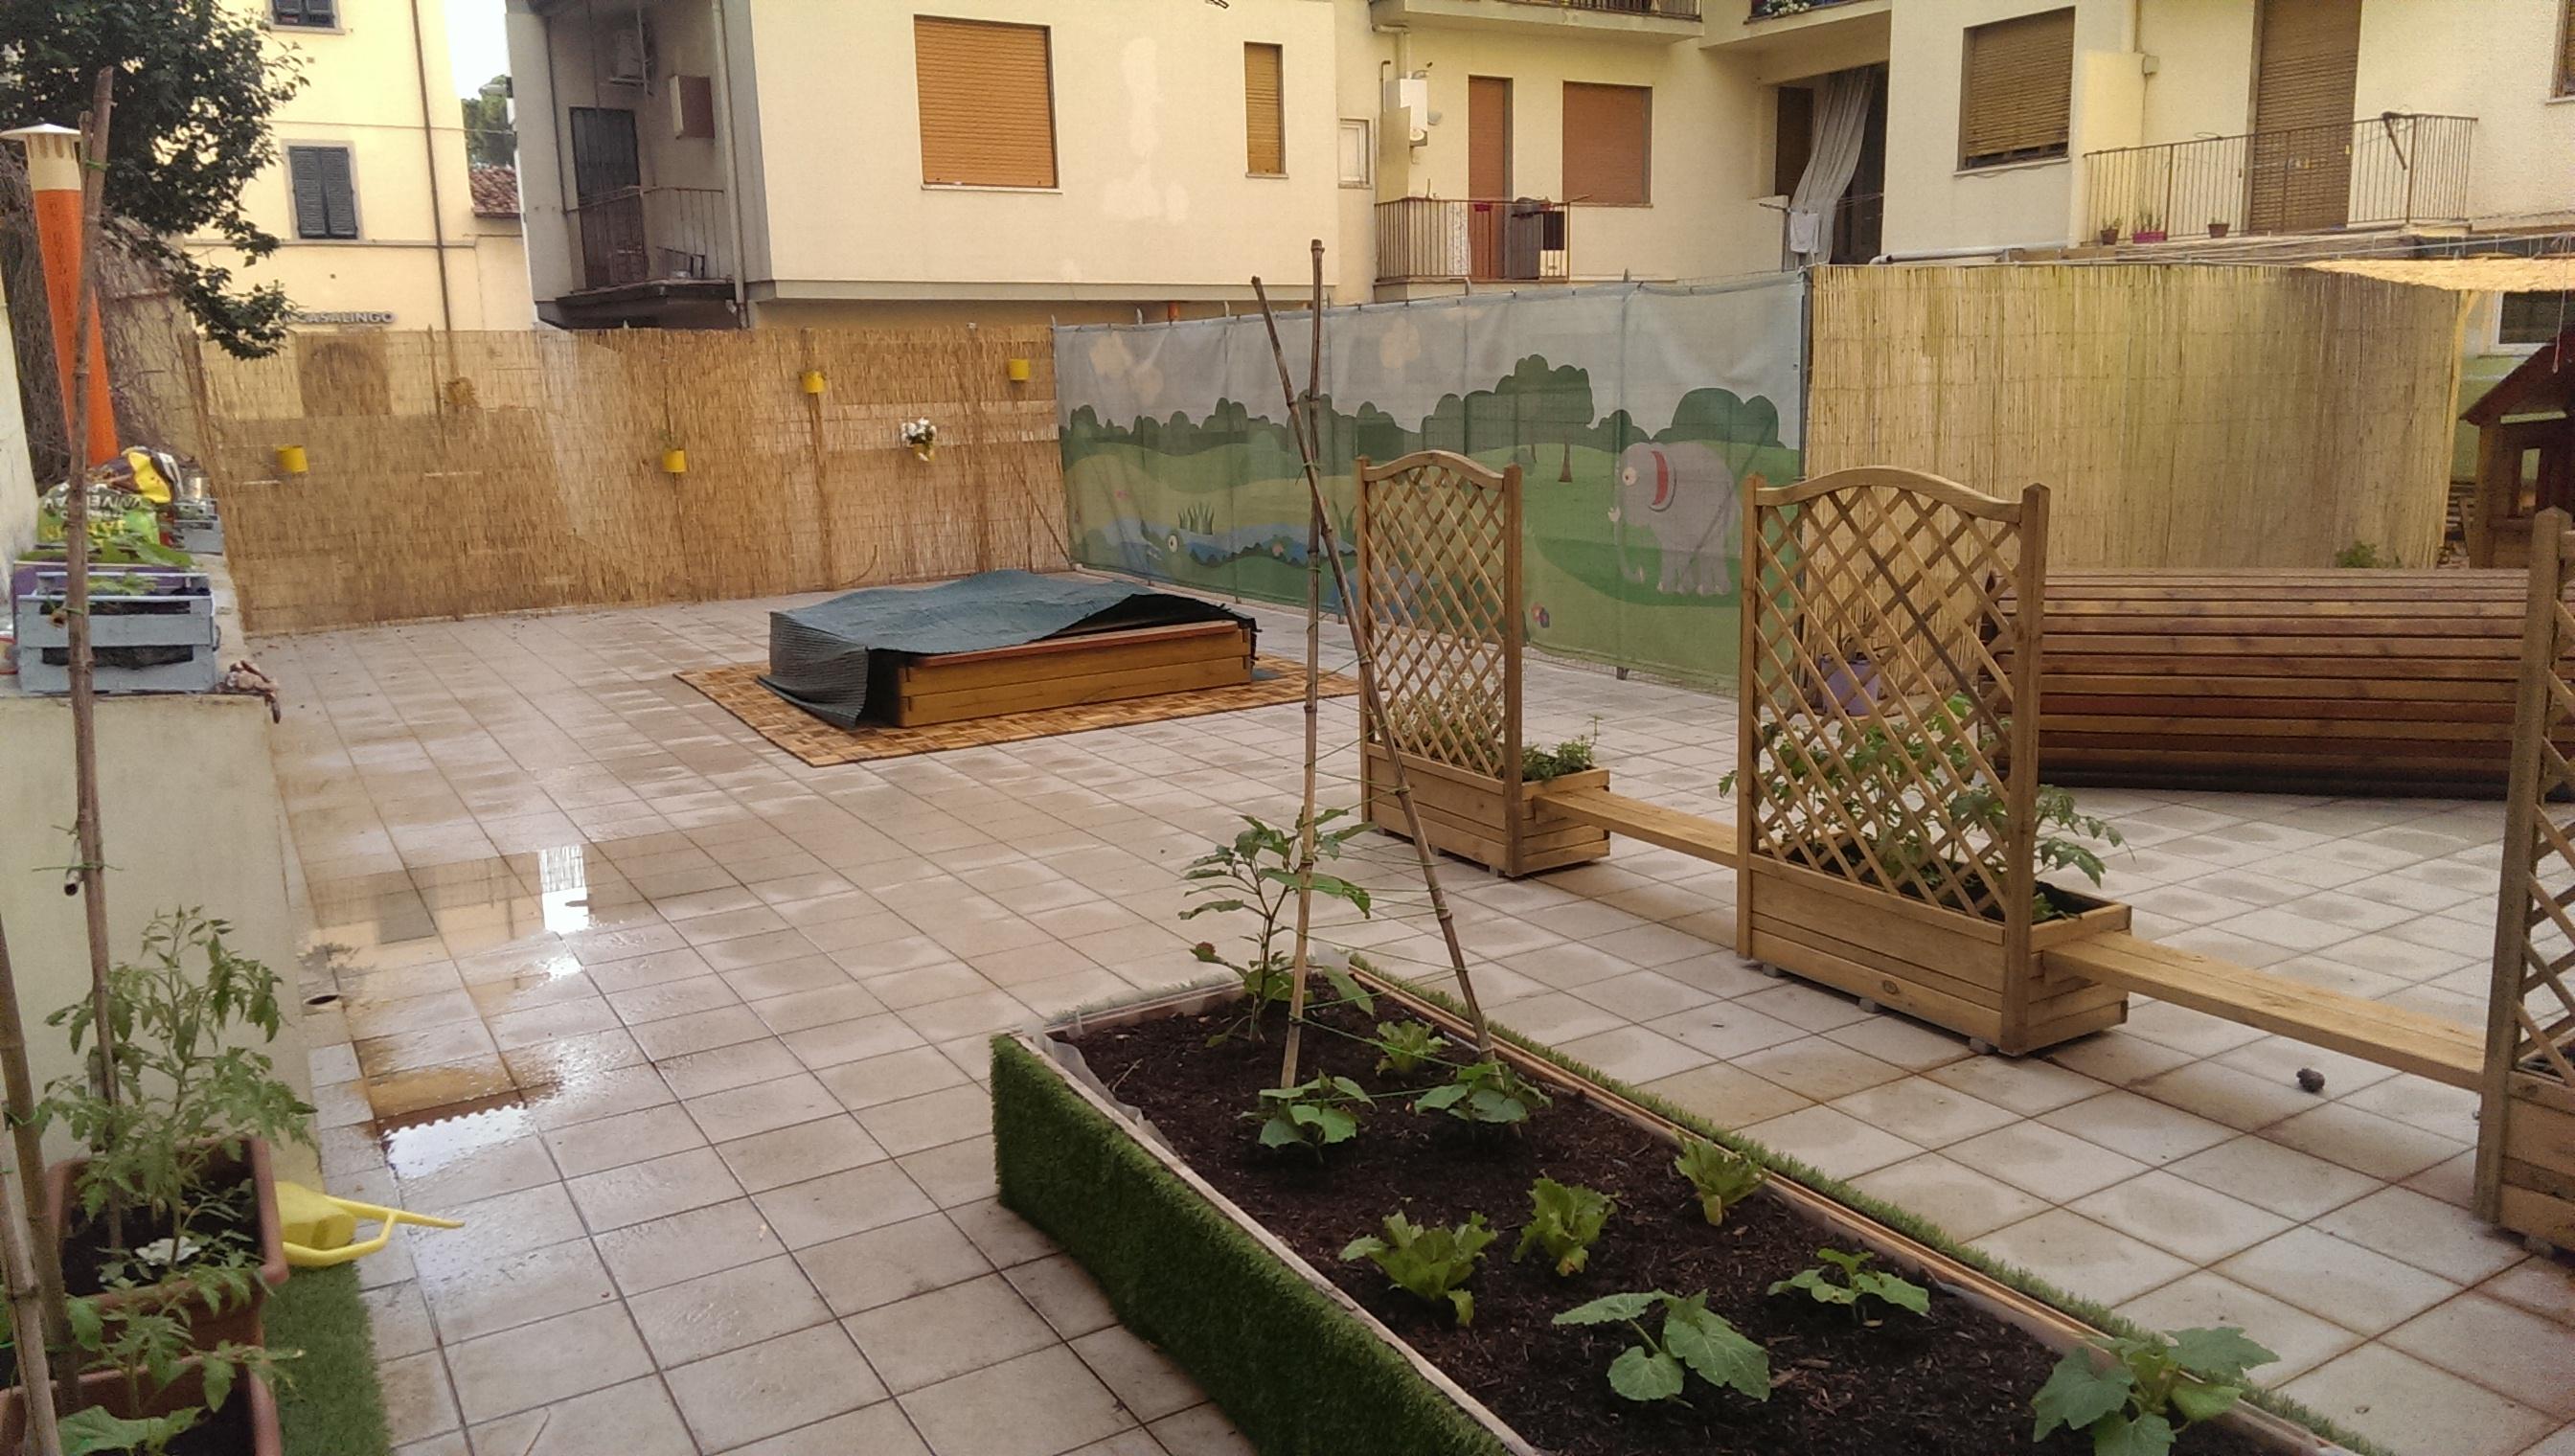 La nostra terrazza attrezzata è pronta!